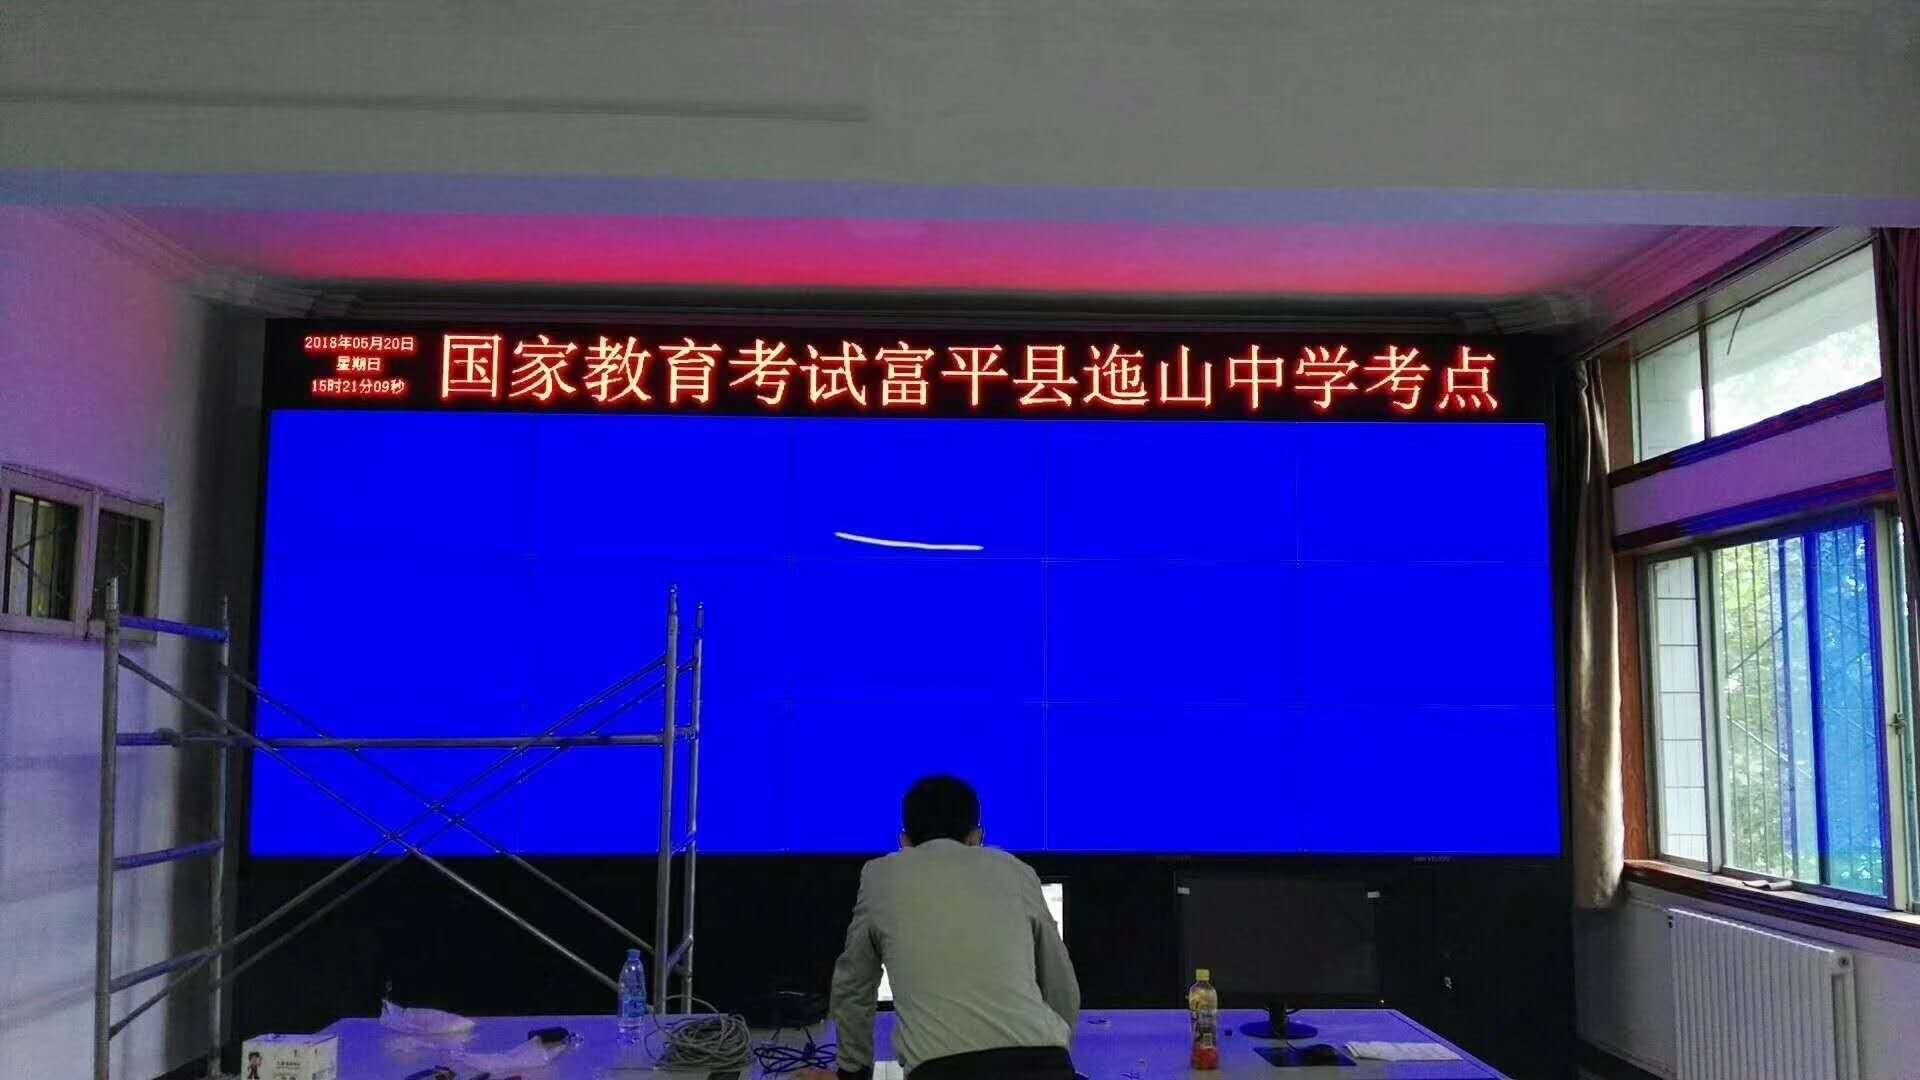 习主席故乡富平县国家教育考试考点35拼接屏